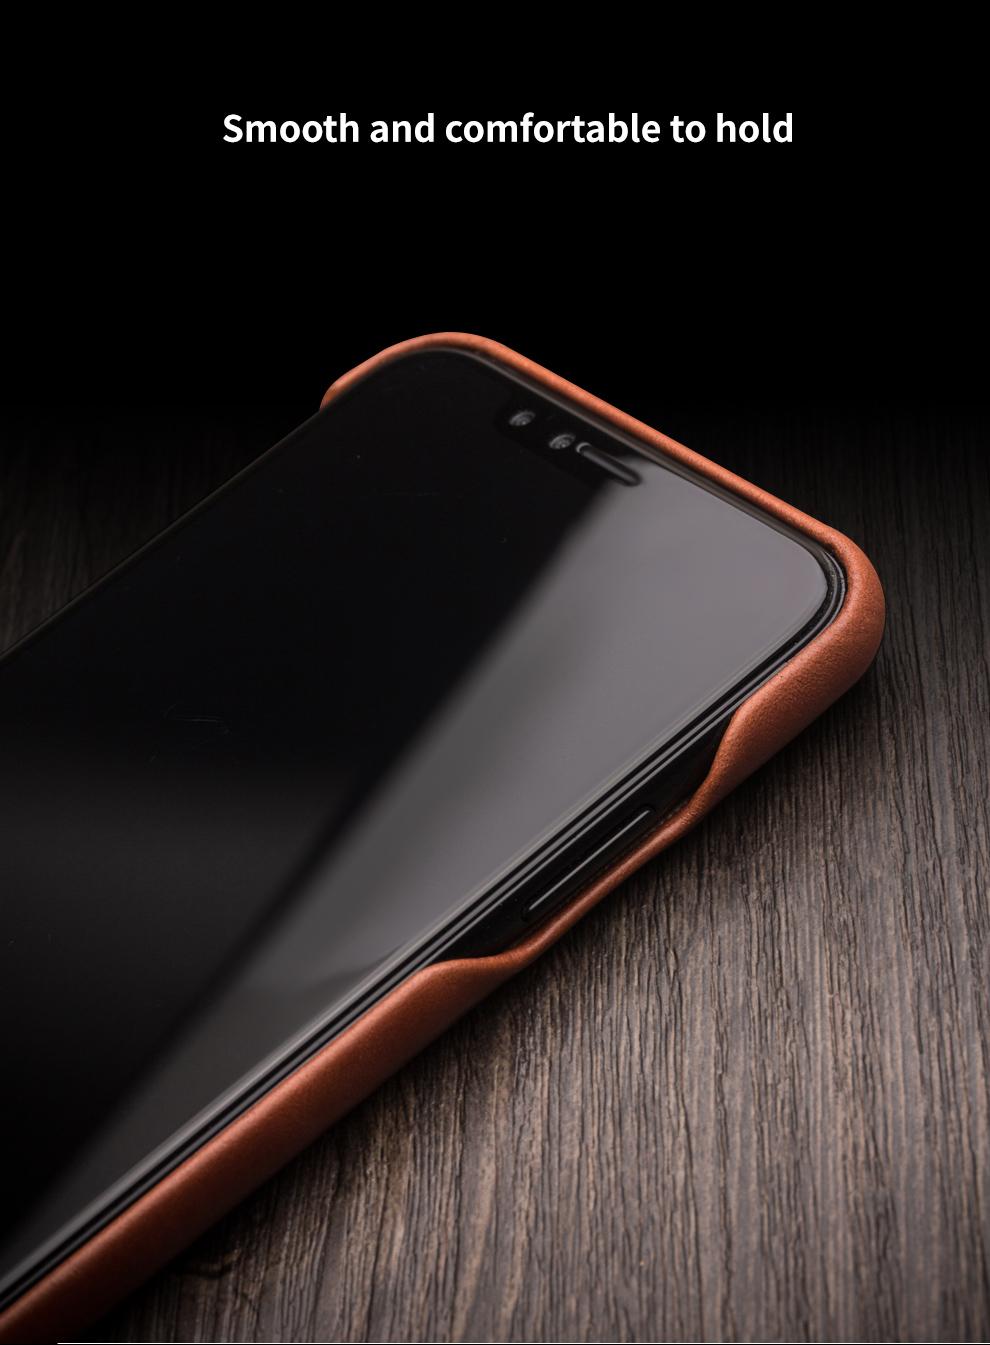 iphoneX-_07